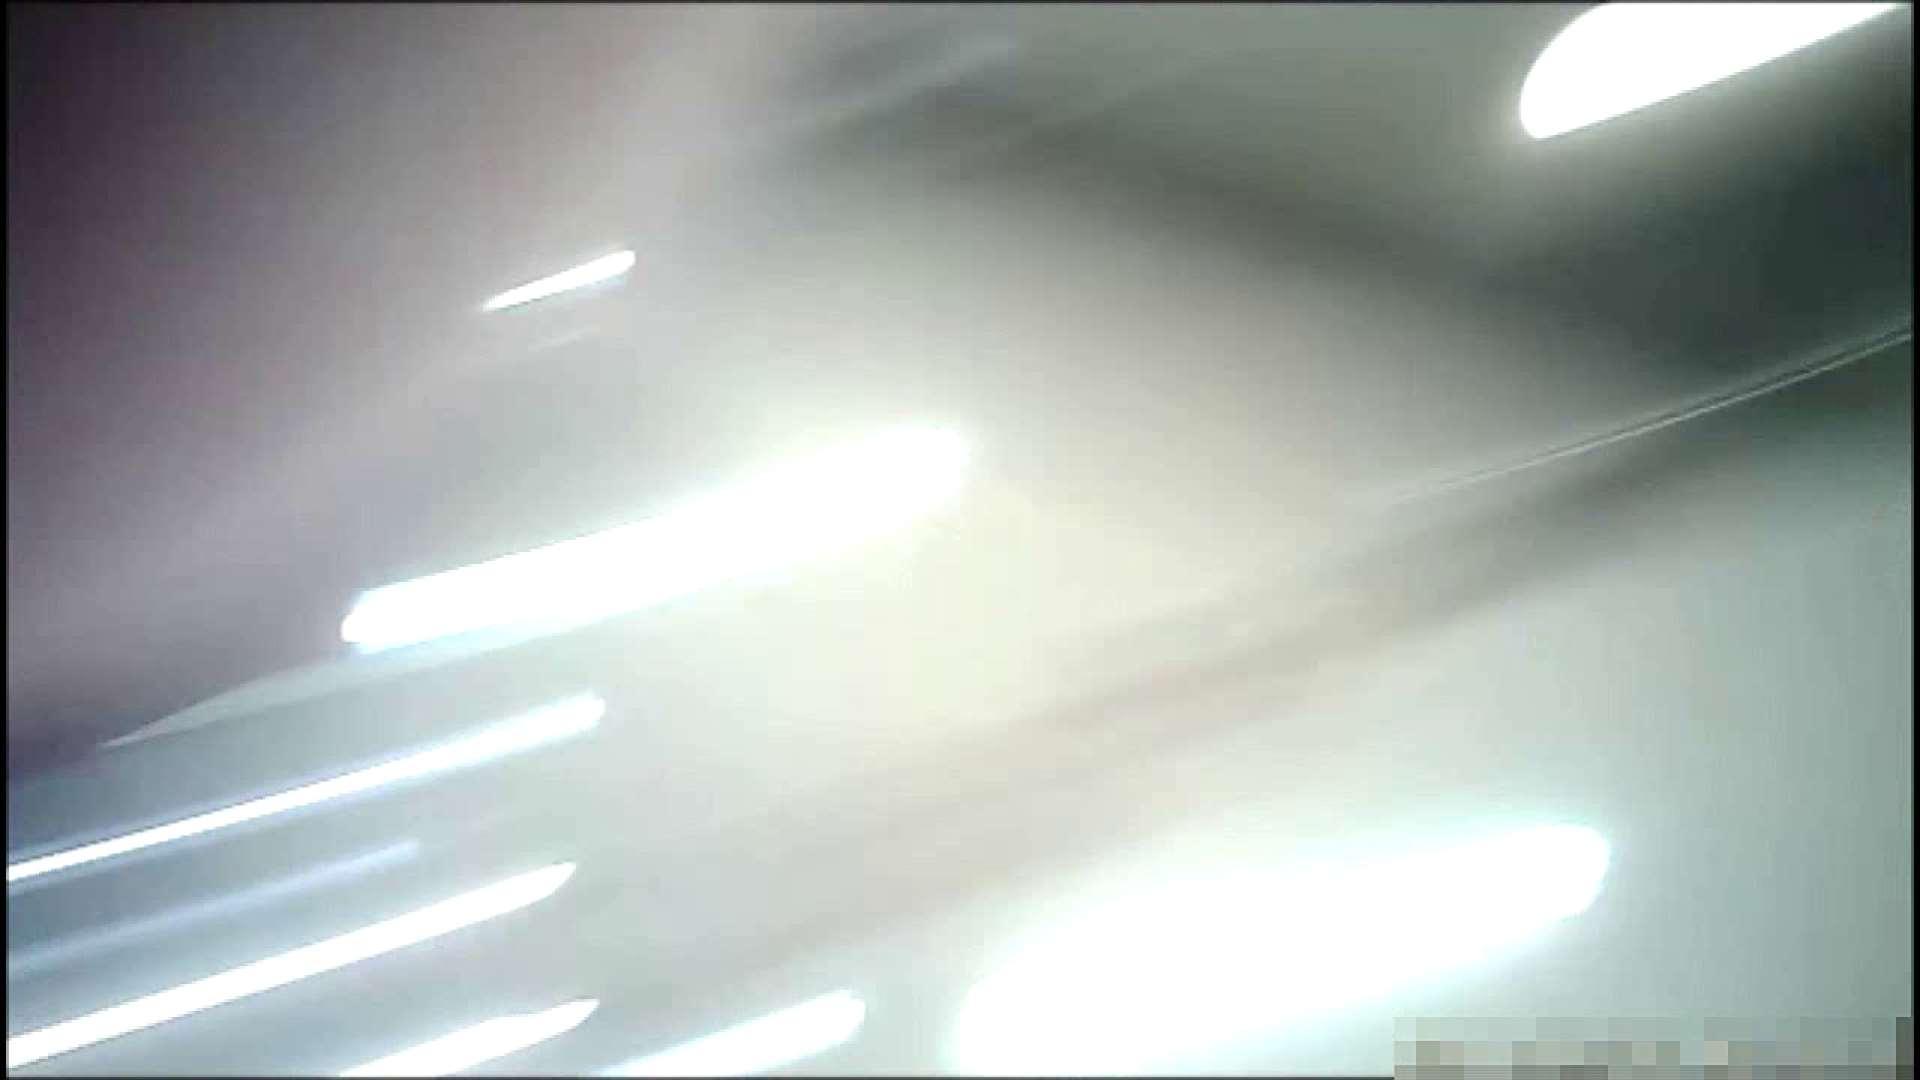 NO.1 普段から胸元がゆるい友達【某ファッションビル内の雑貨屋】 チラ 覗きぱこり動画紹介 102pic 53